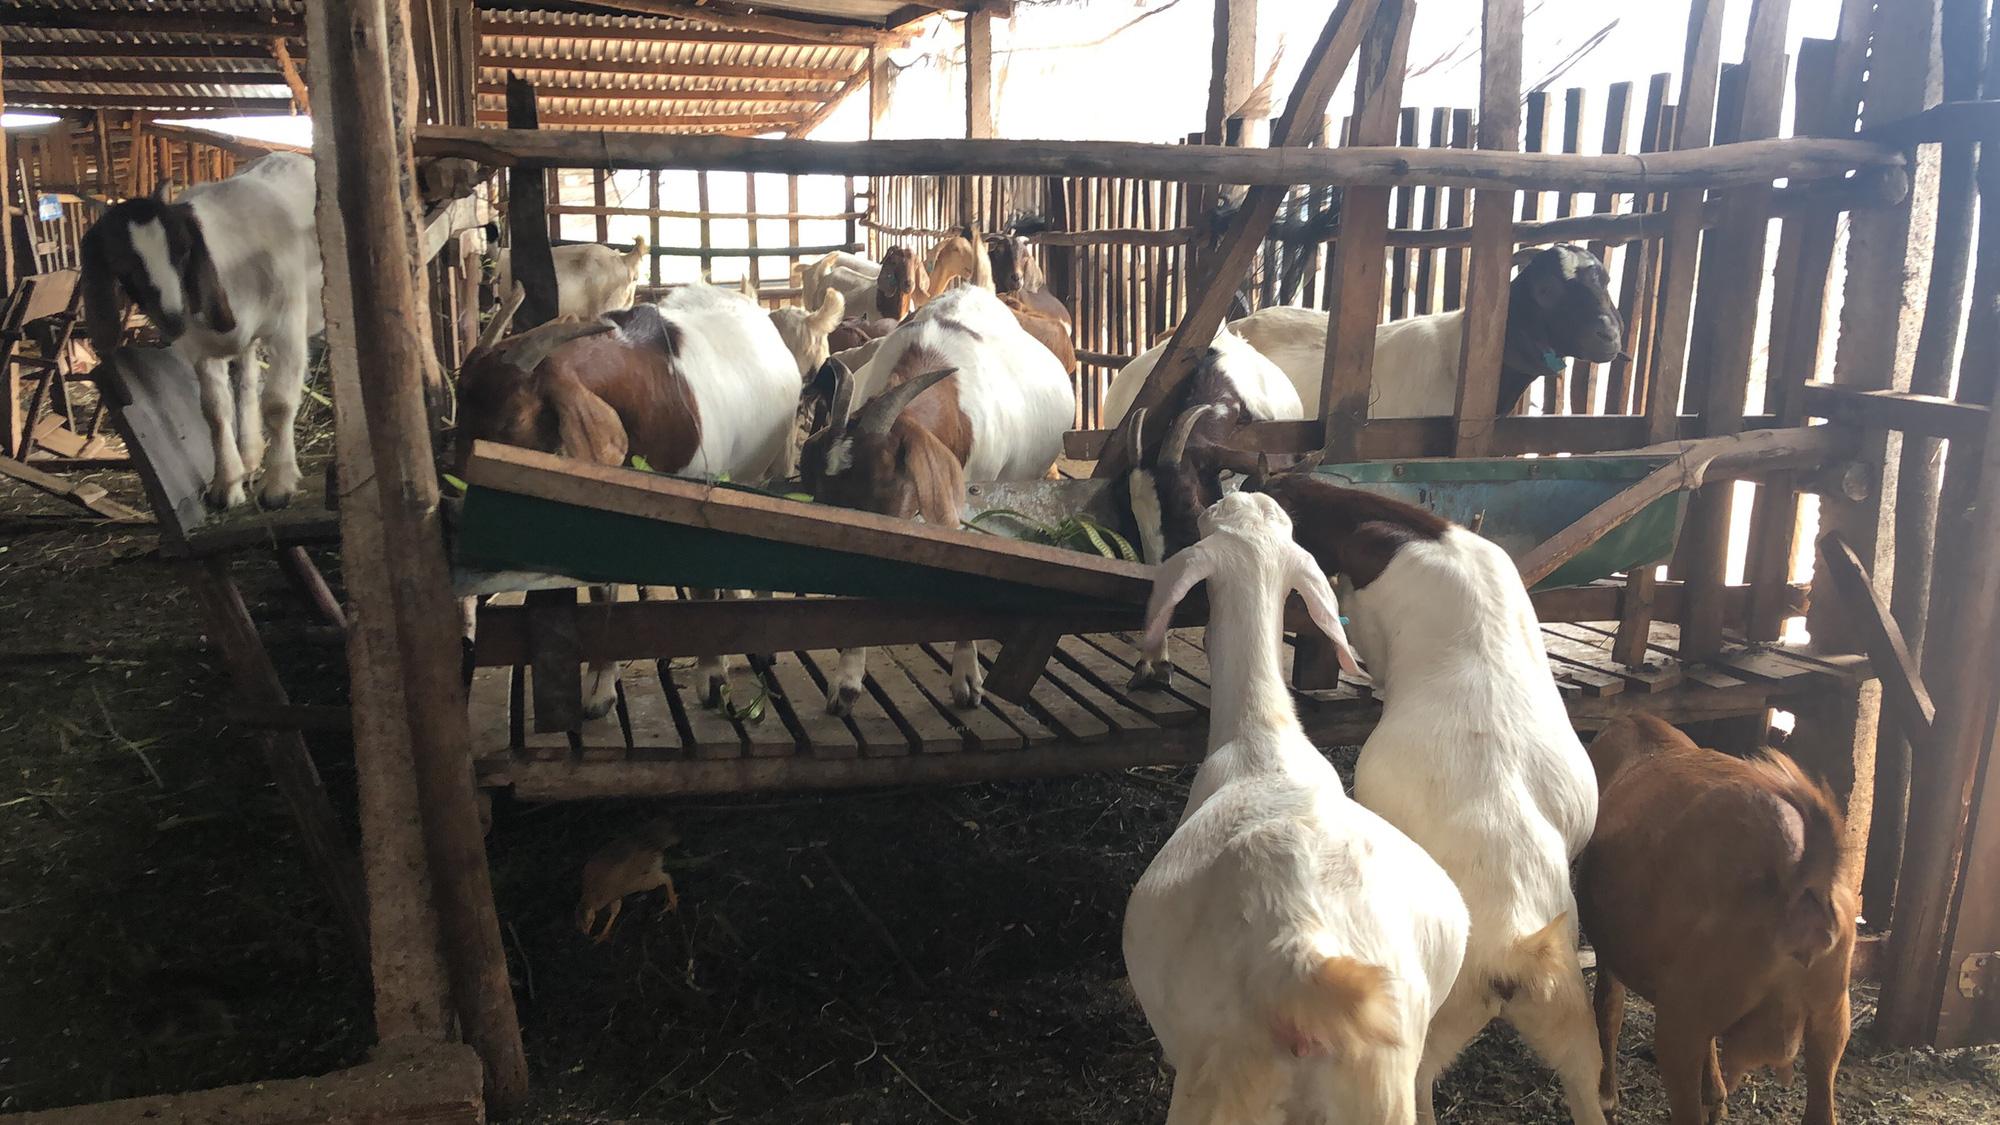 Lãi hàng trăm triệu đồng/năm vì nuôi dê Bo, nông dân bật mí kinh nghiệm - Ảnh 5.